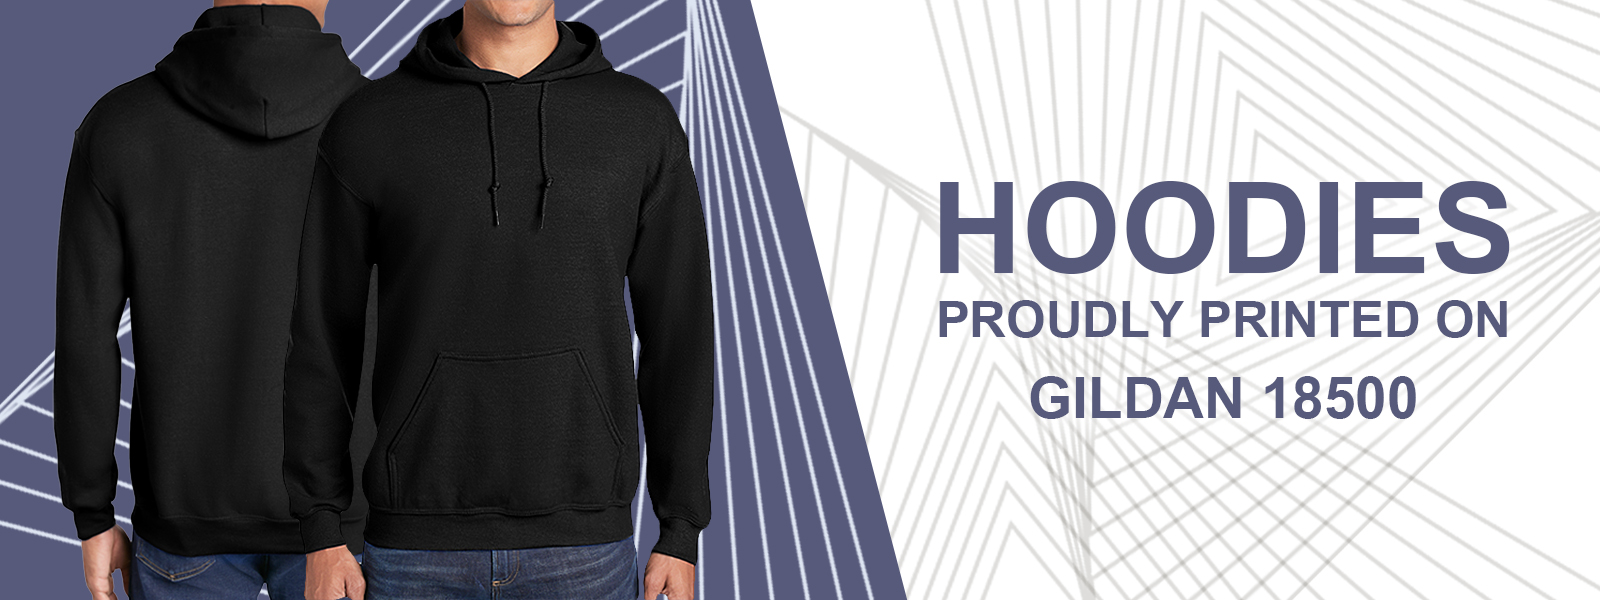 hoodie-category.jpg